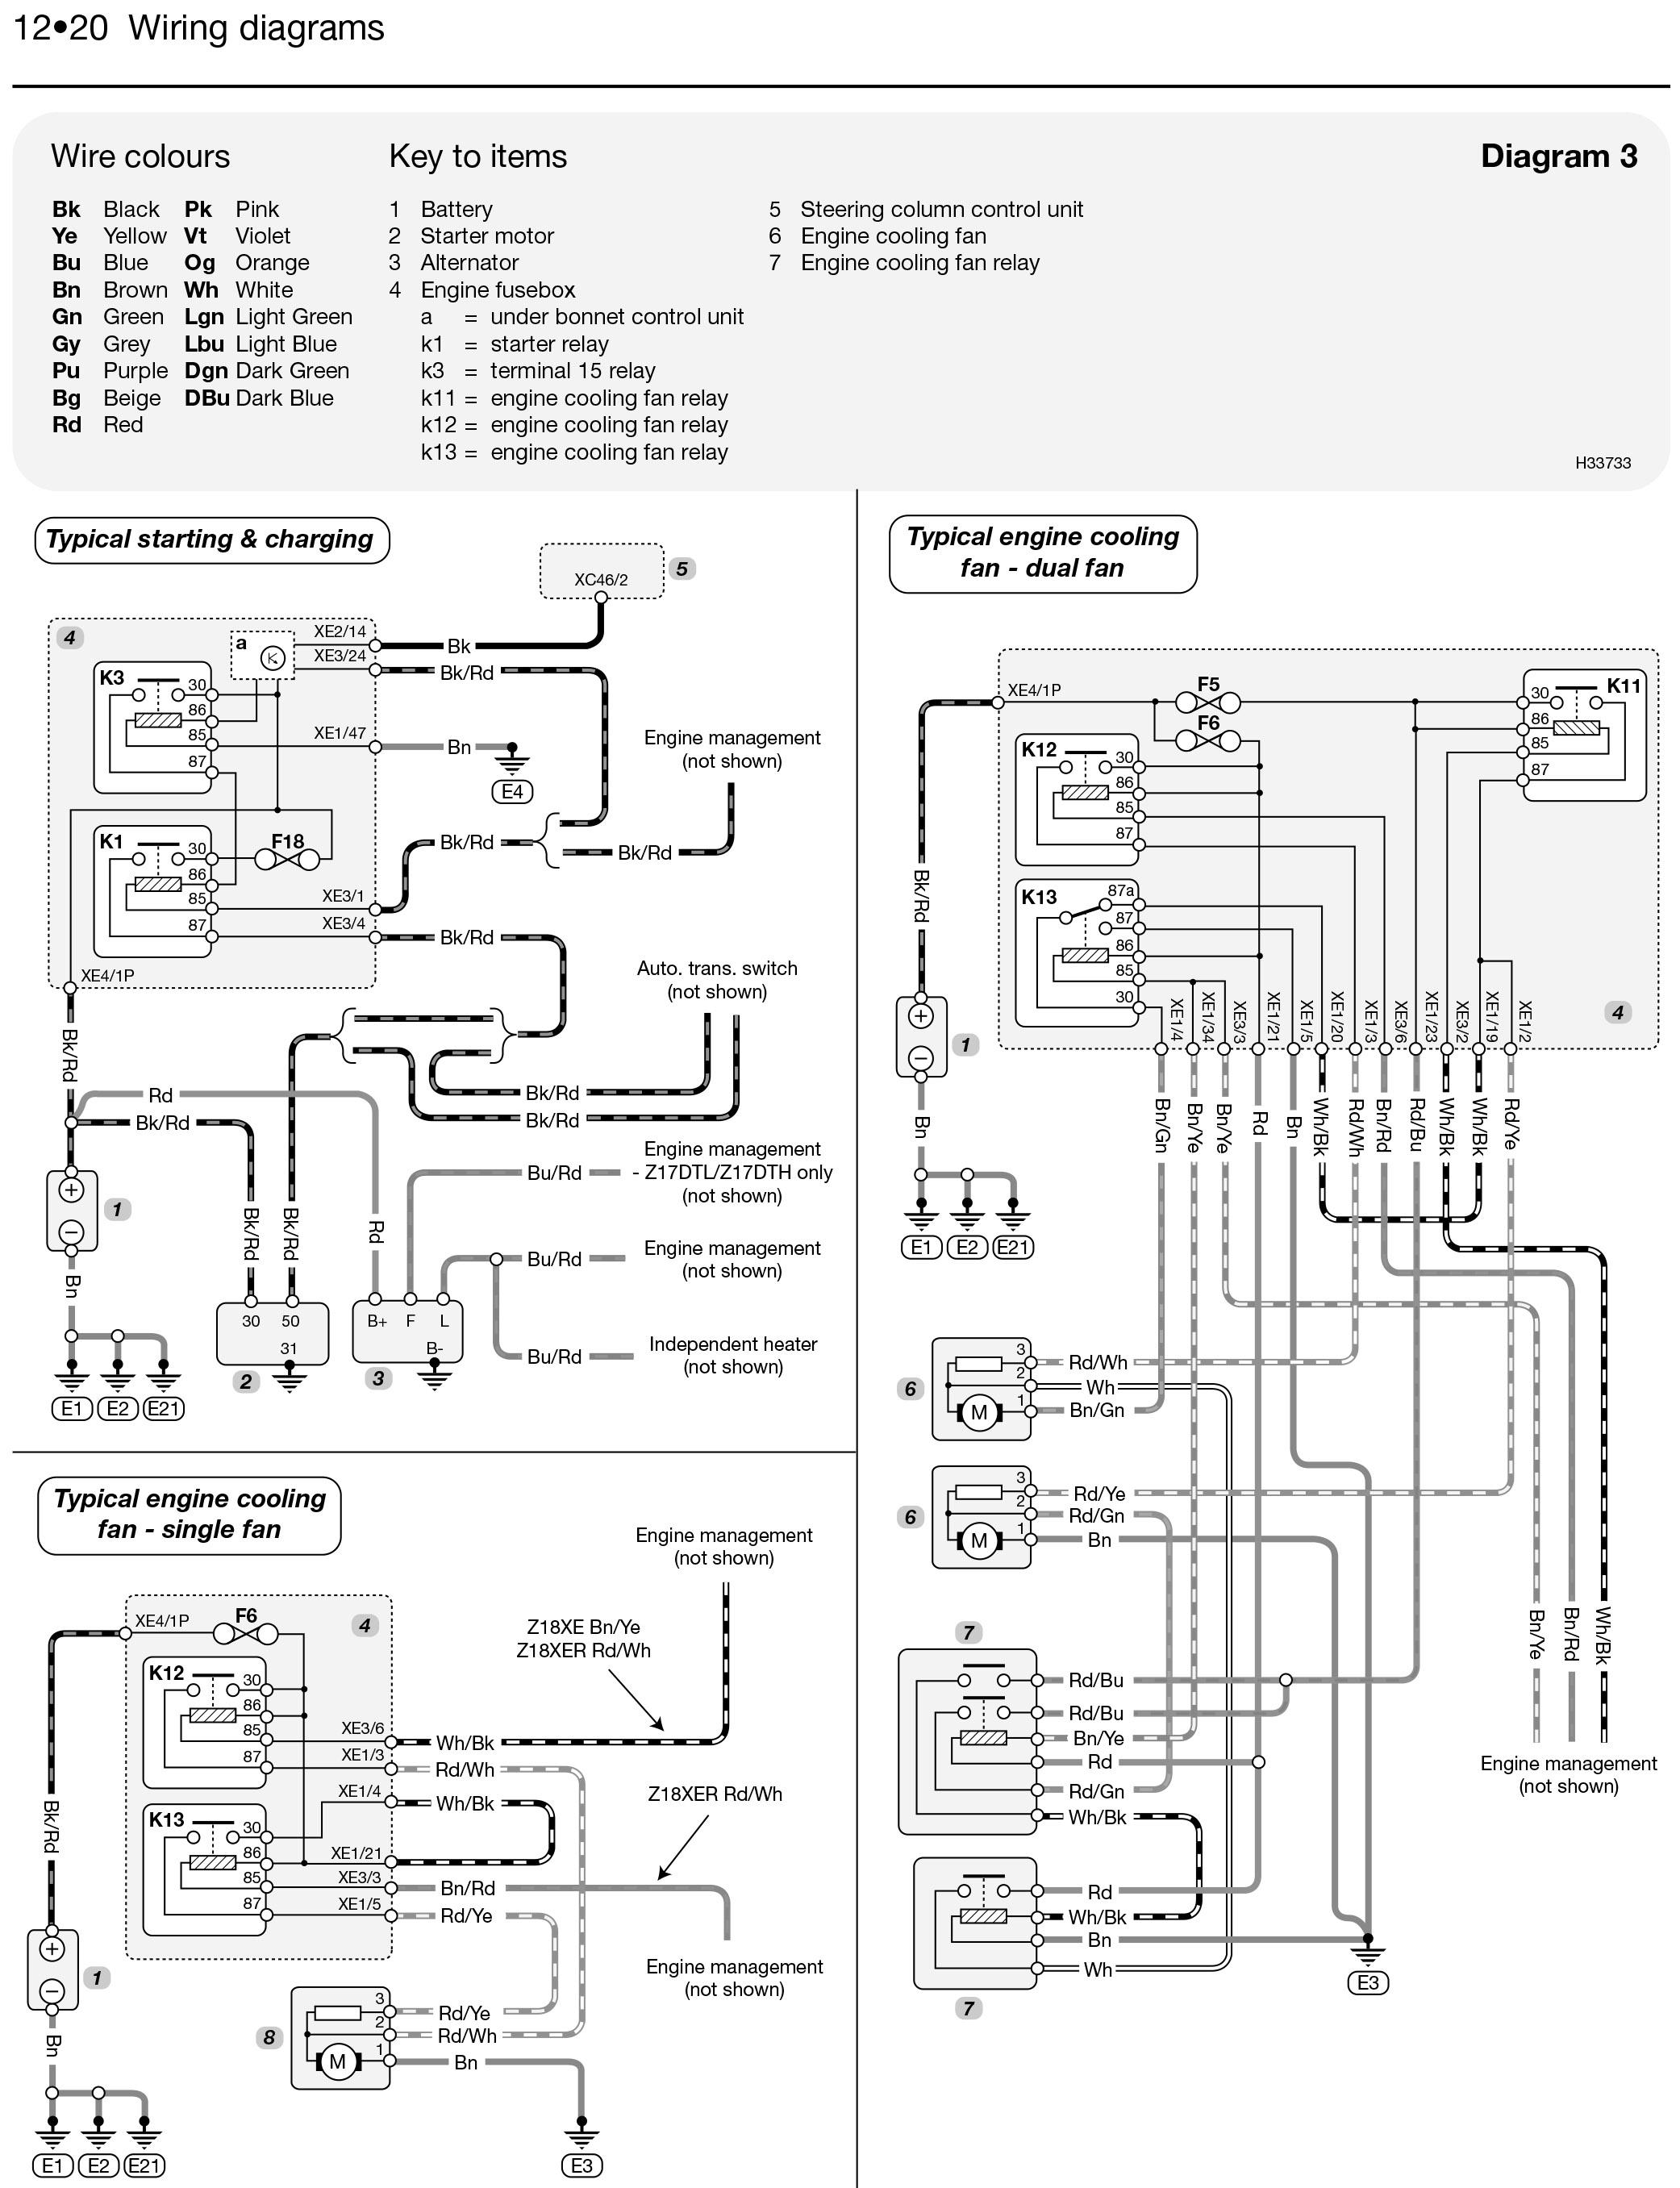 opel astra f 1995 wiring diagram 7 way flat vauxhall diesel may 04 08 haynes repair